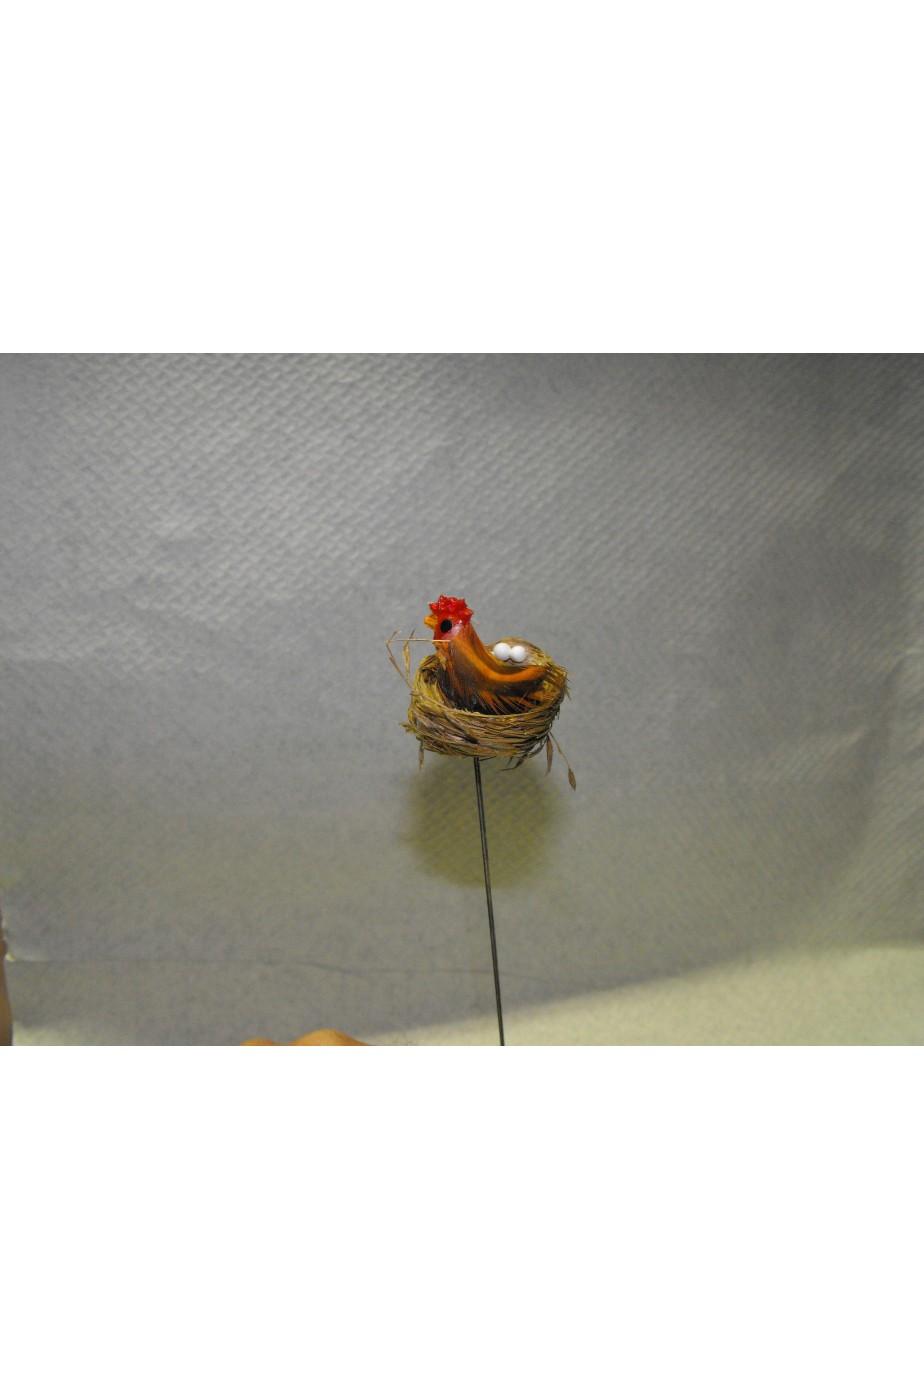 Ambientazione presepe:Nido Gallina con uova montato su filo di ferro